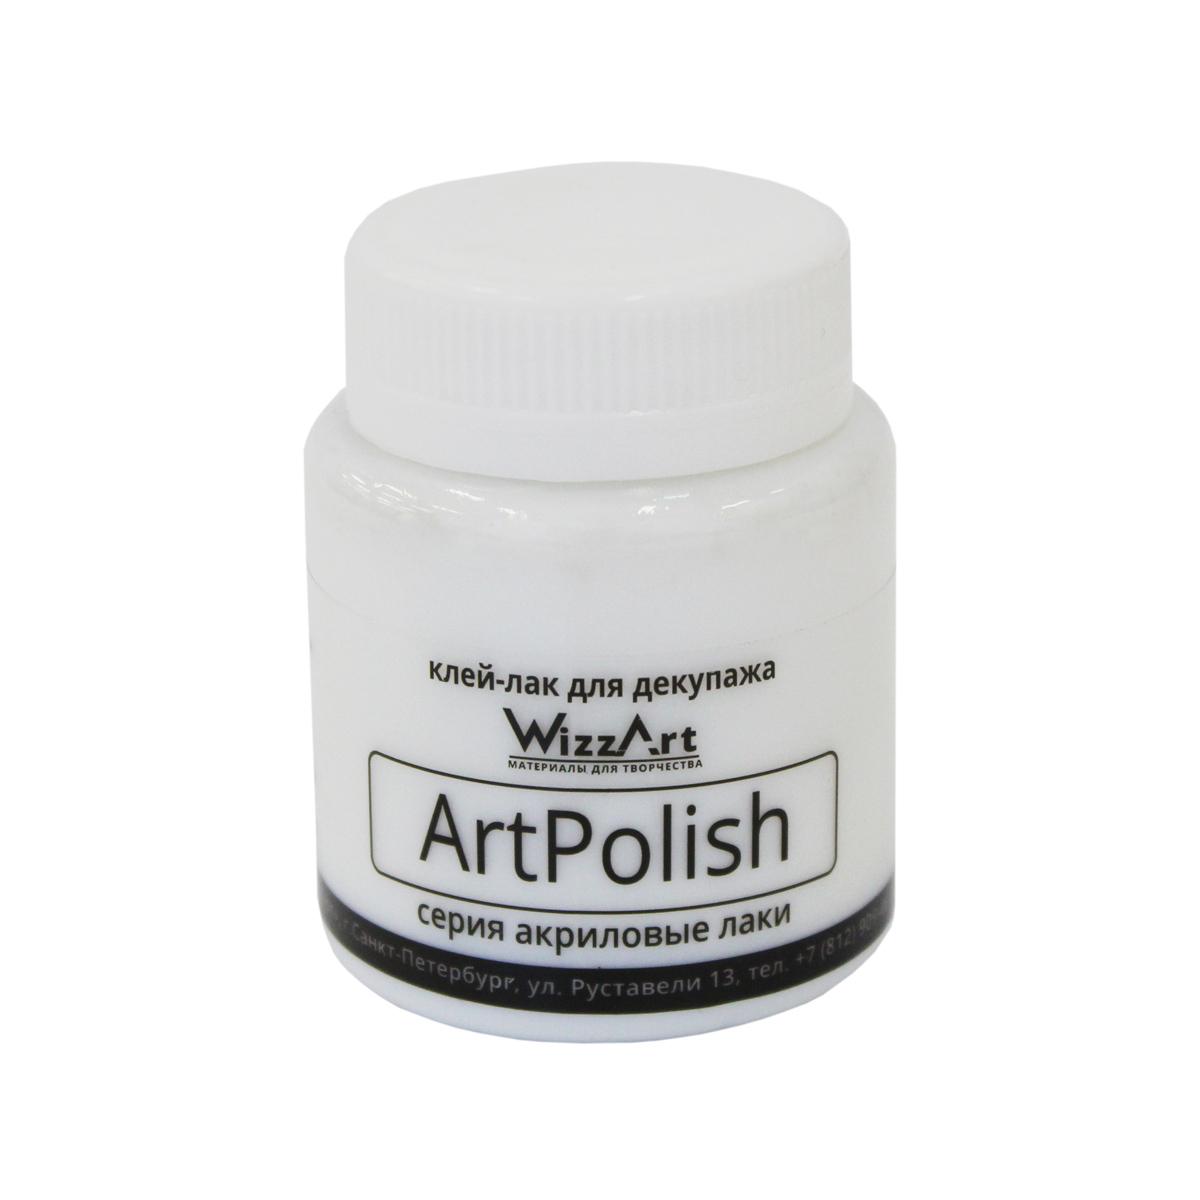 Клей-лак для декупажа ArtPolish 80мл Wizzart